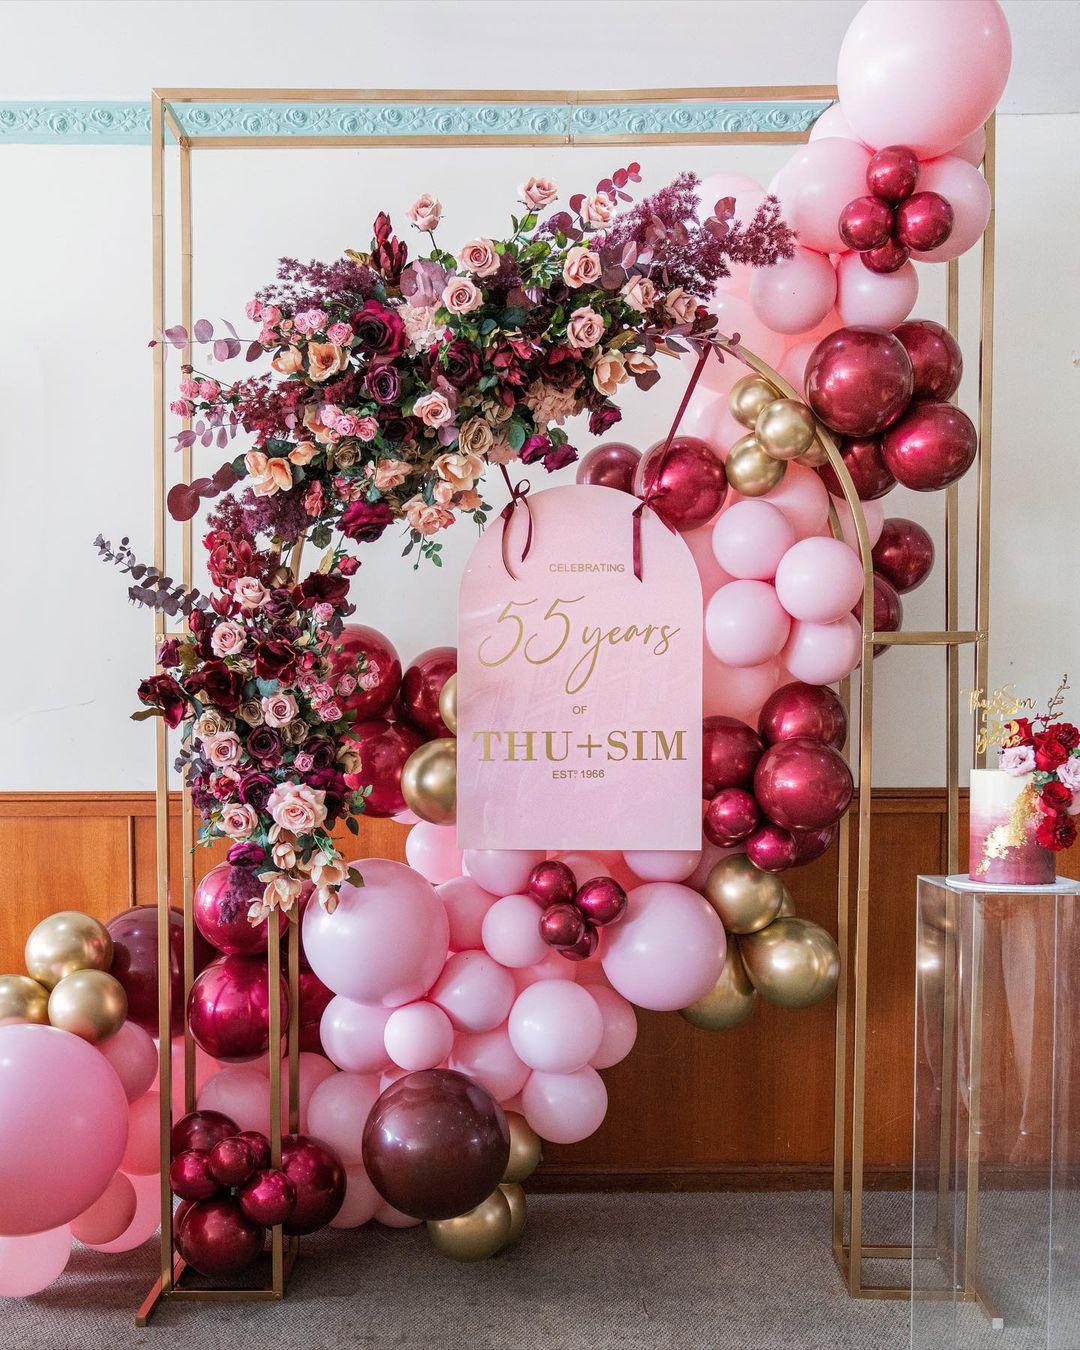 hayleys flowershop 219886421 600923587962400 5967211599528829558 n